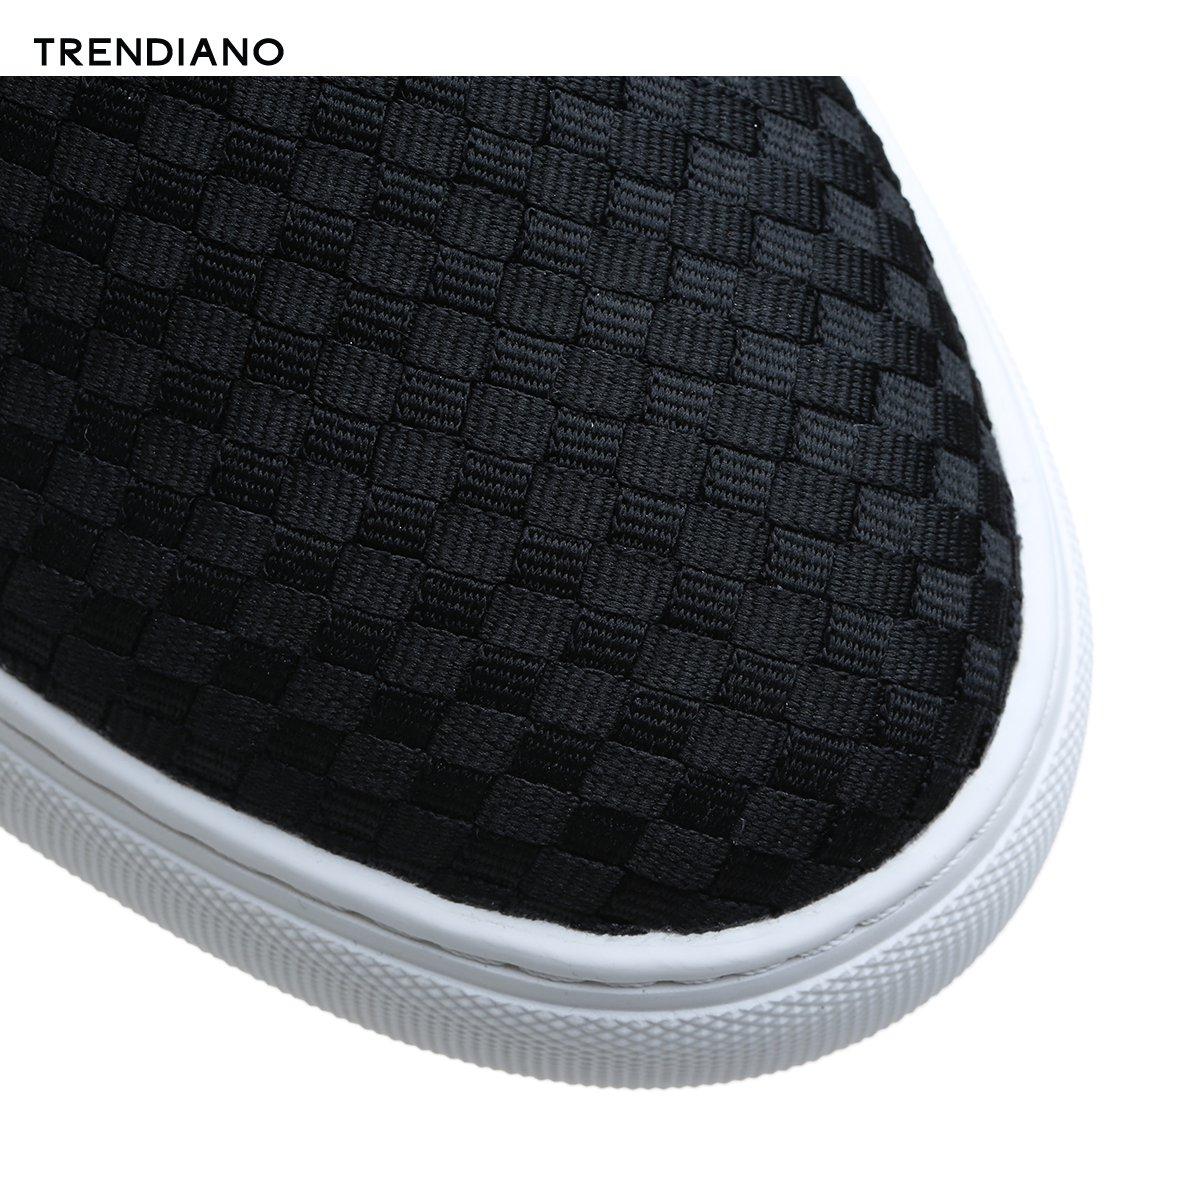 3EA151808P 新男装夏装潮流编织格纹平底低帮鞋休闲板鞋 TRENDIANO